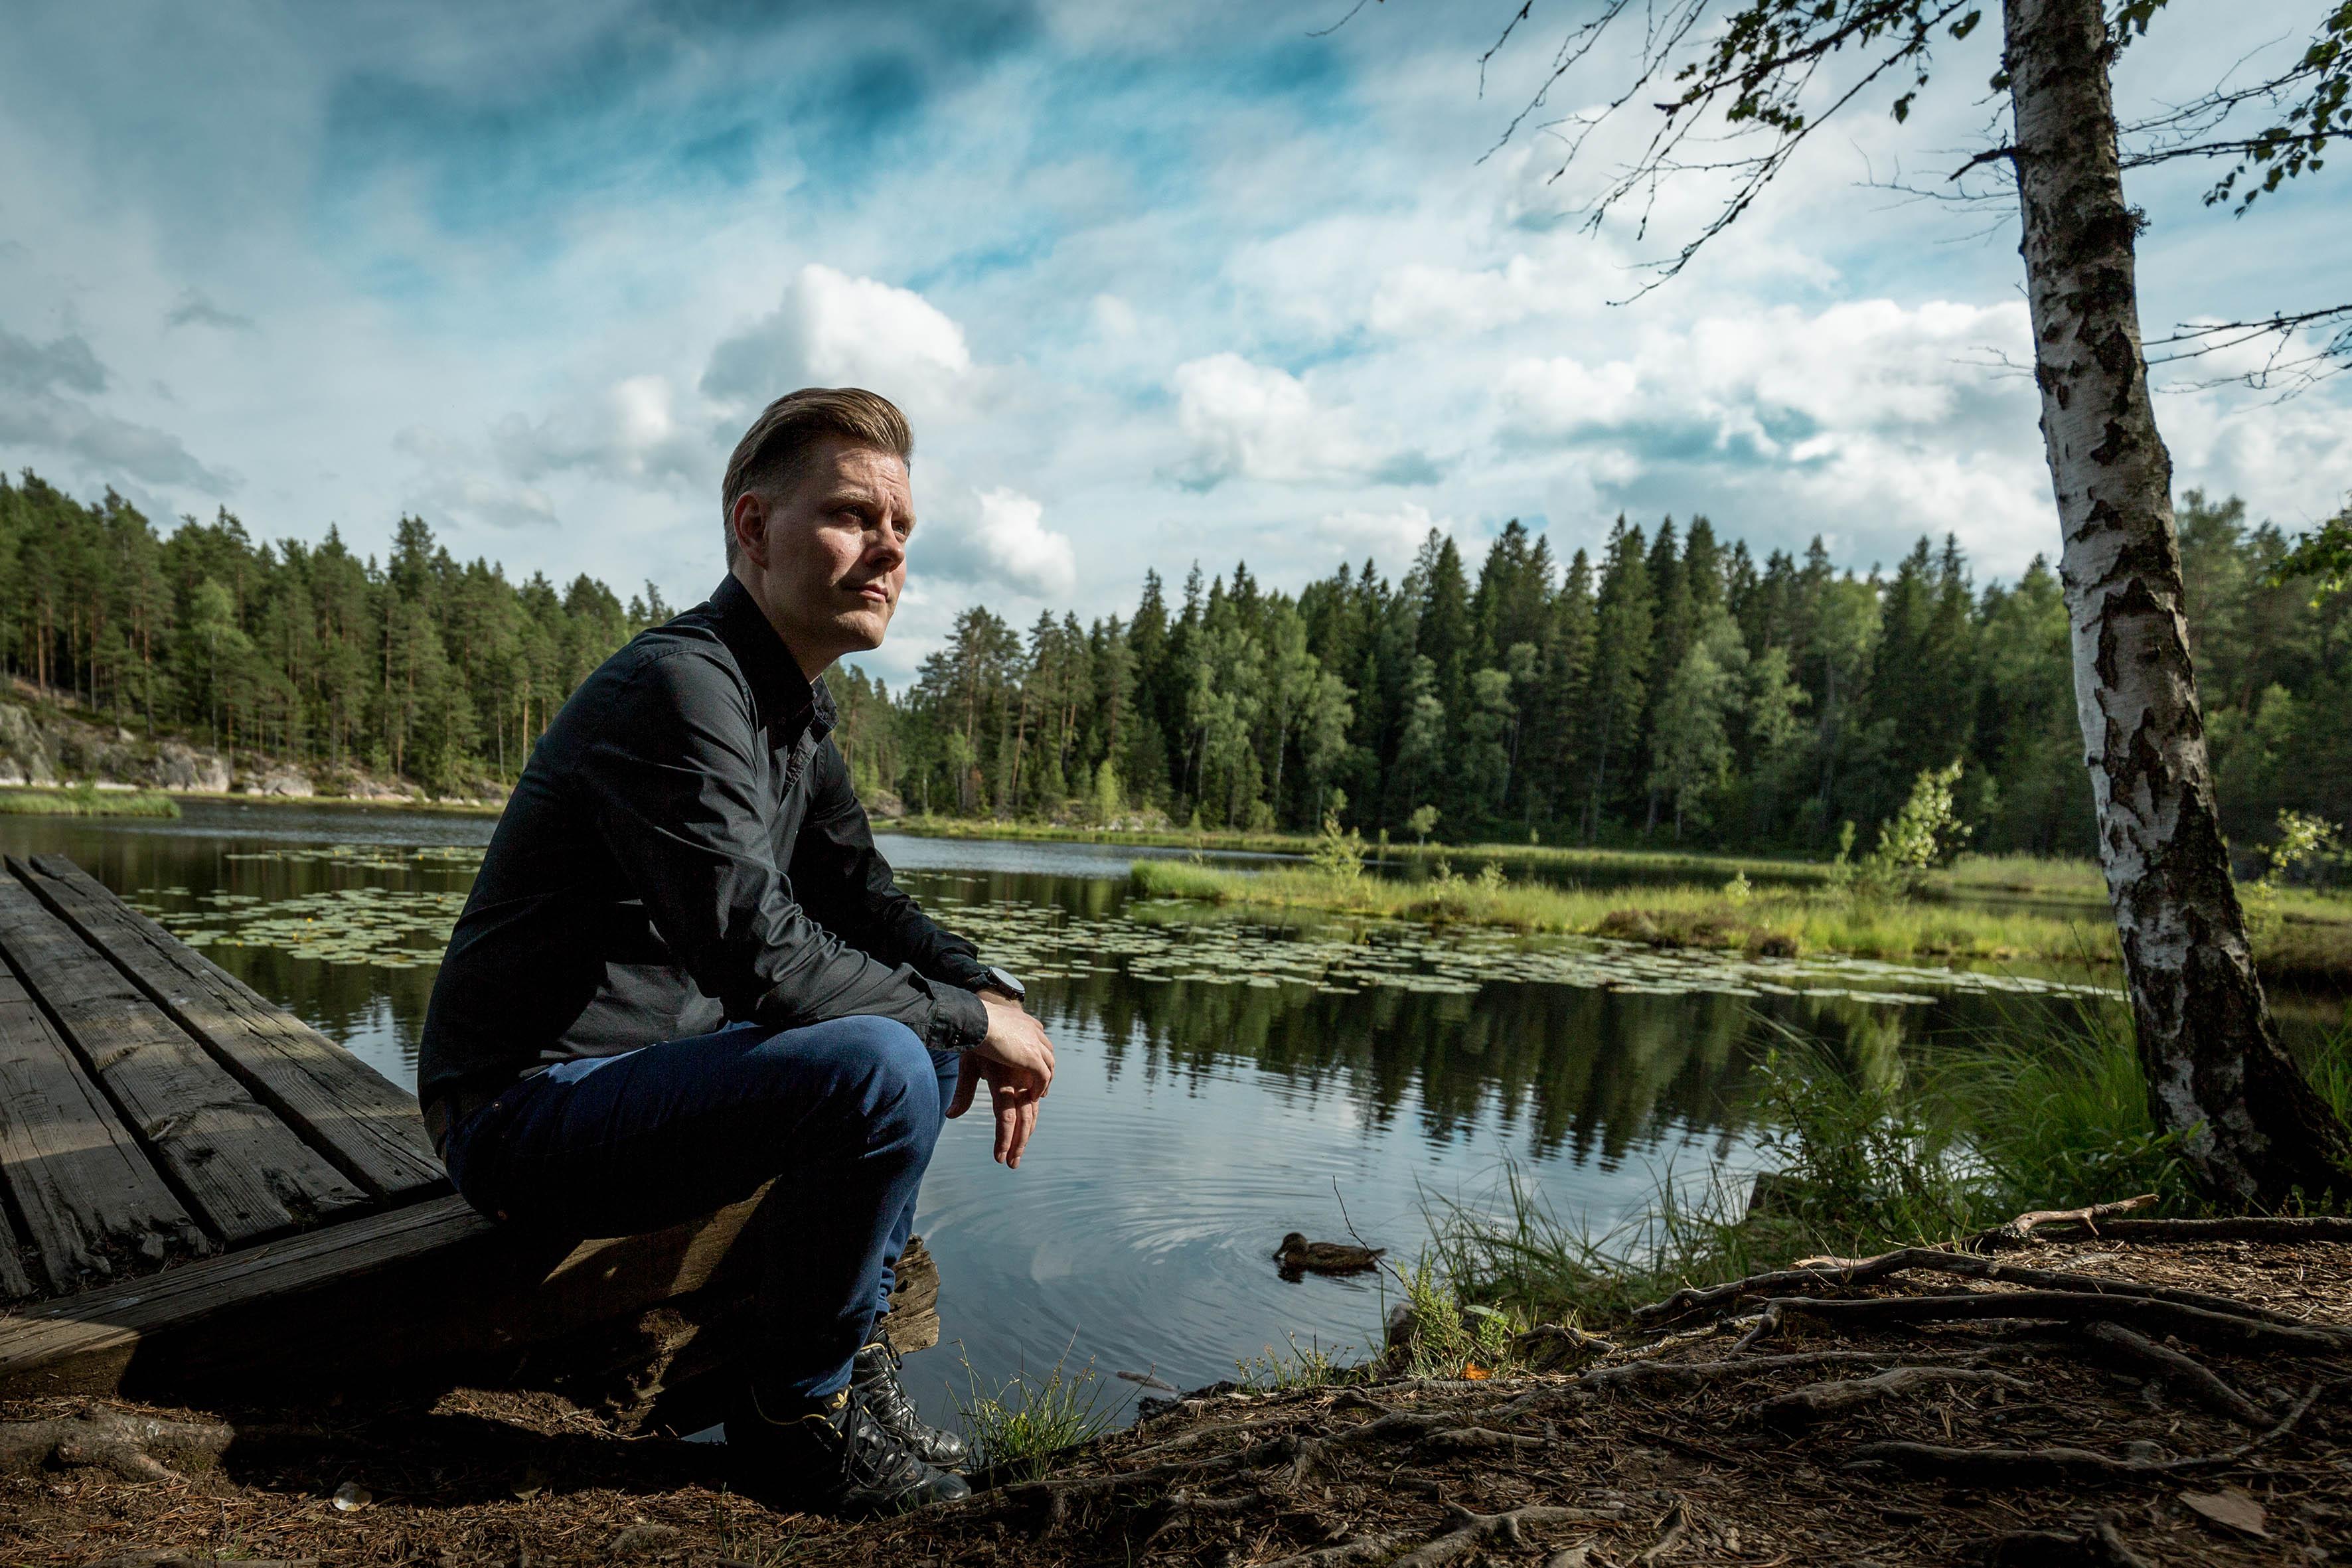 Mann hockt vor einem Teich und schaut in die Ferne